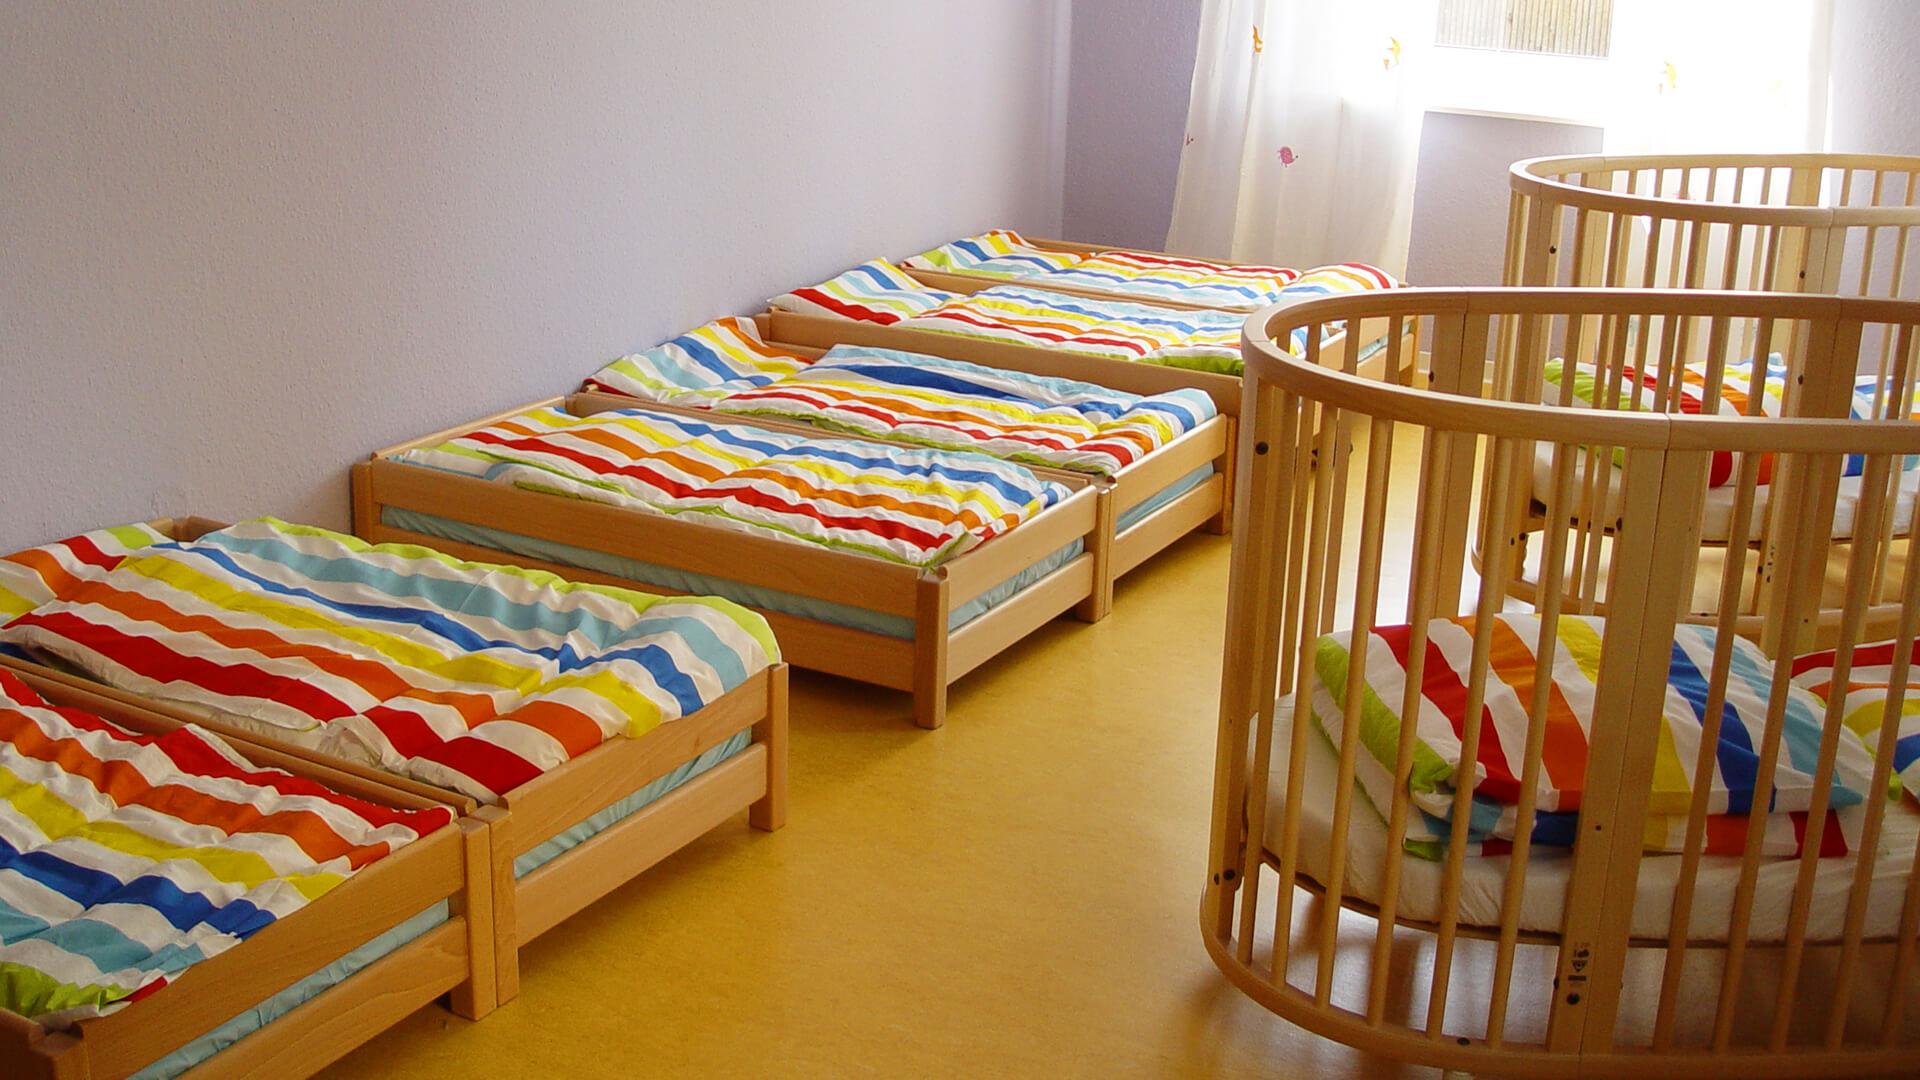 Ruhebereich mit Betten für kleine und große Kinder